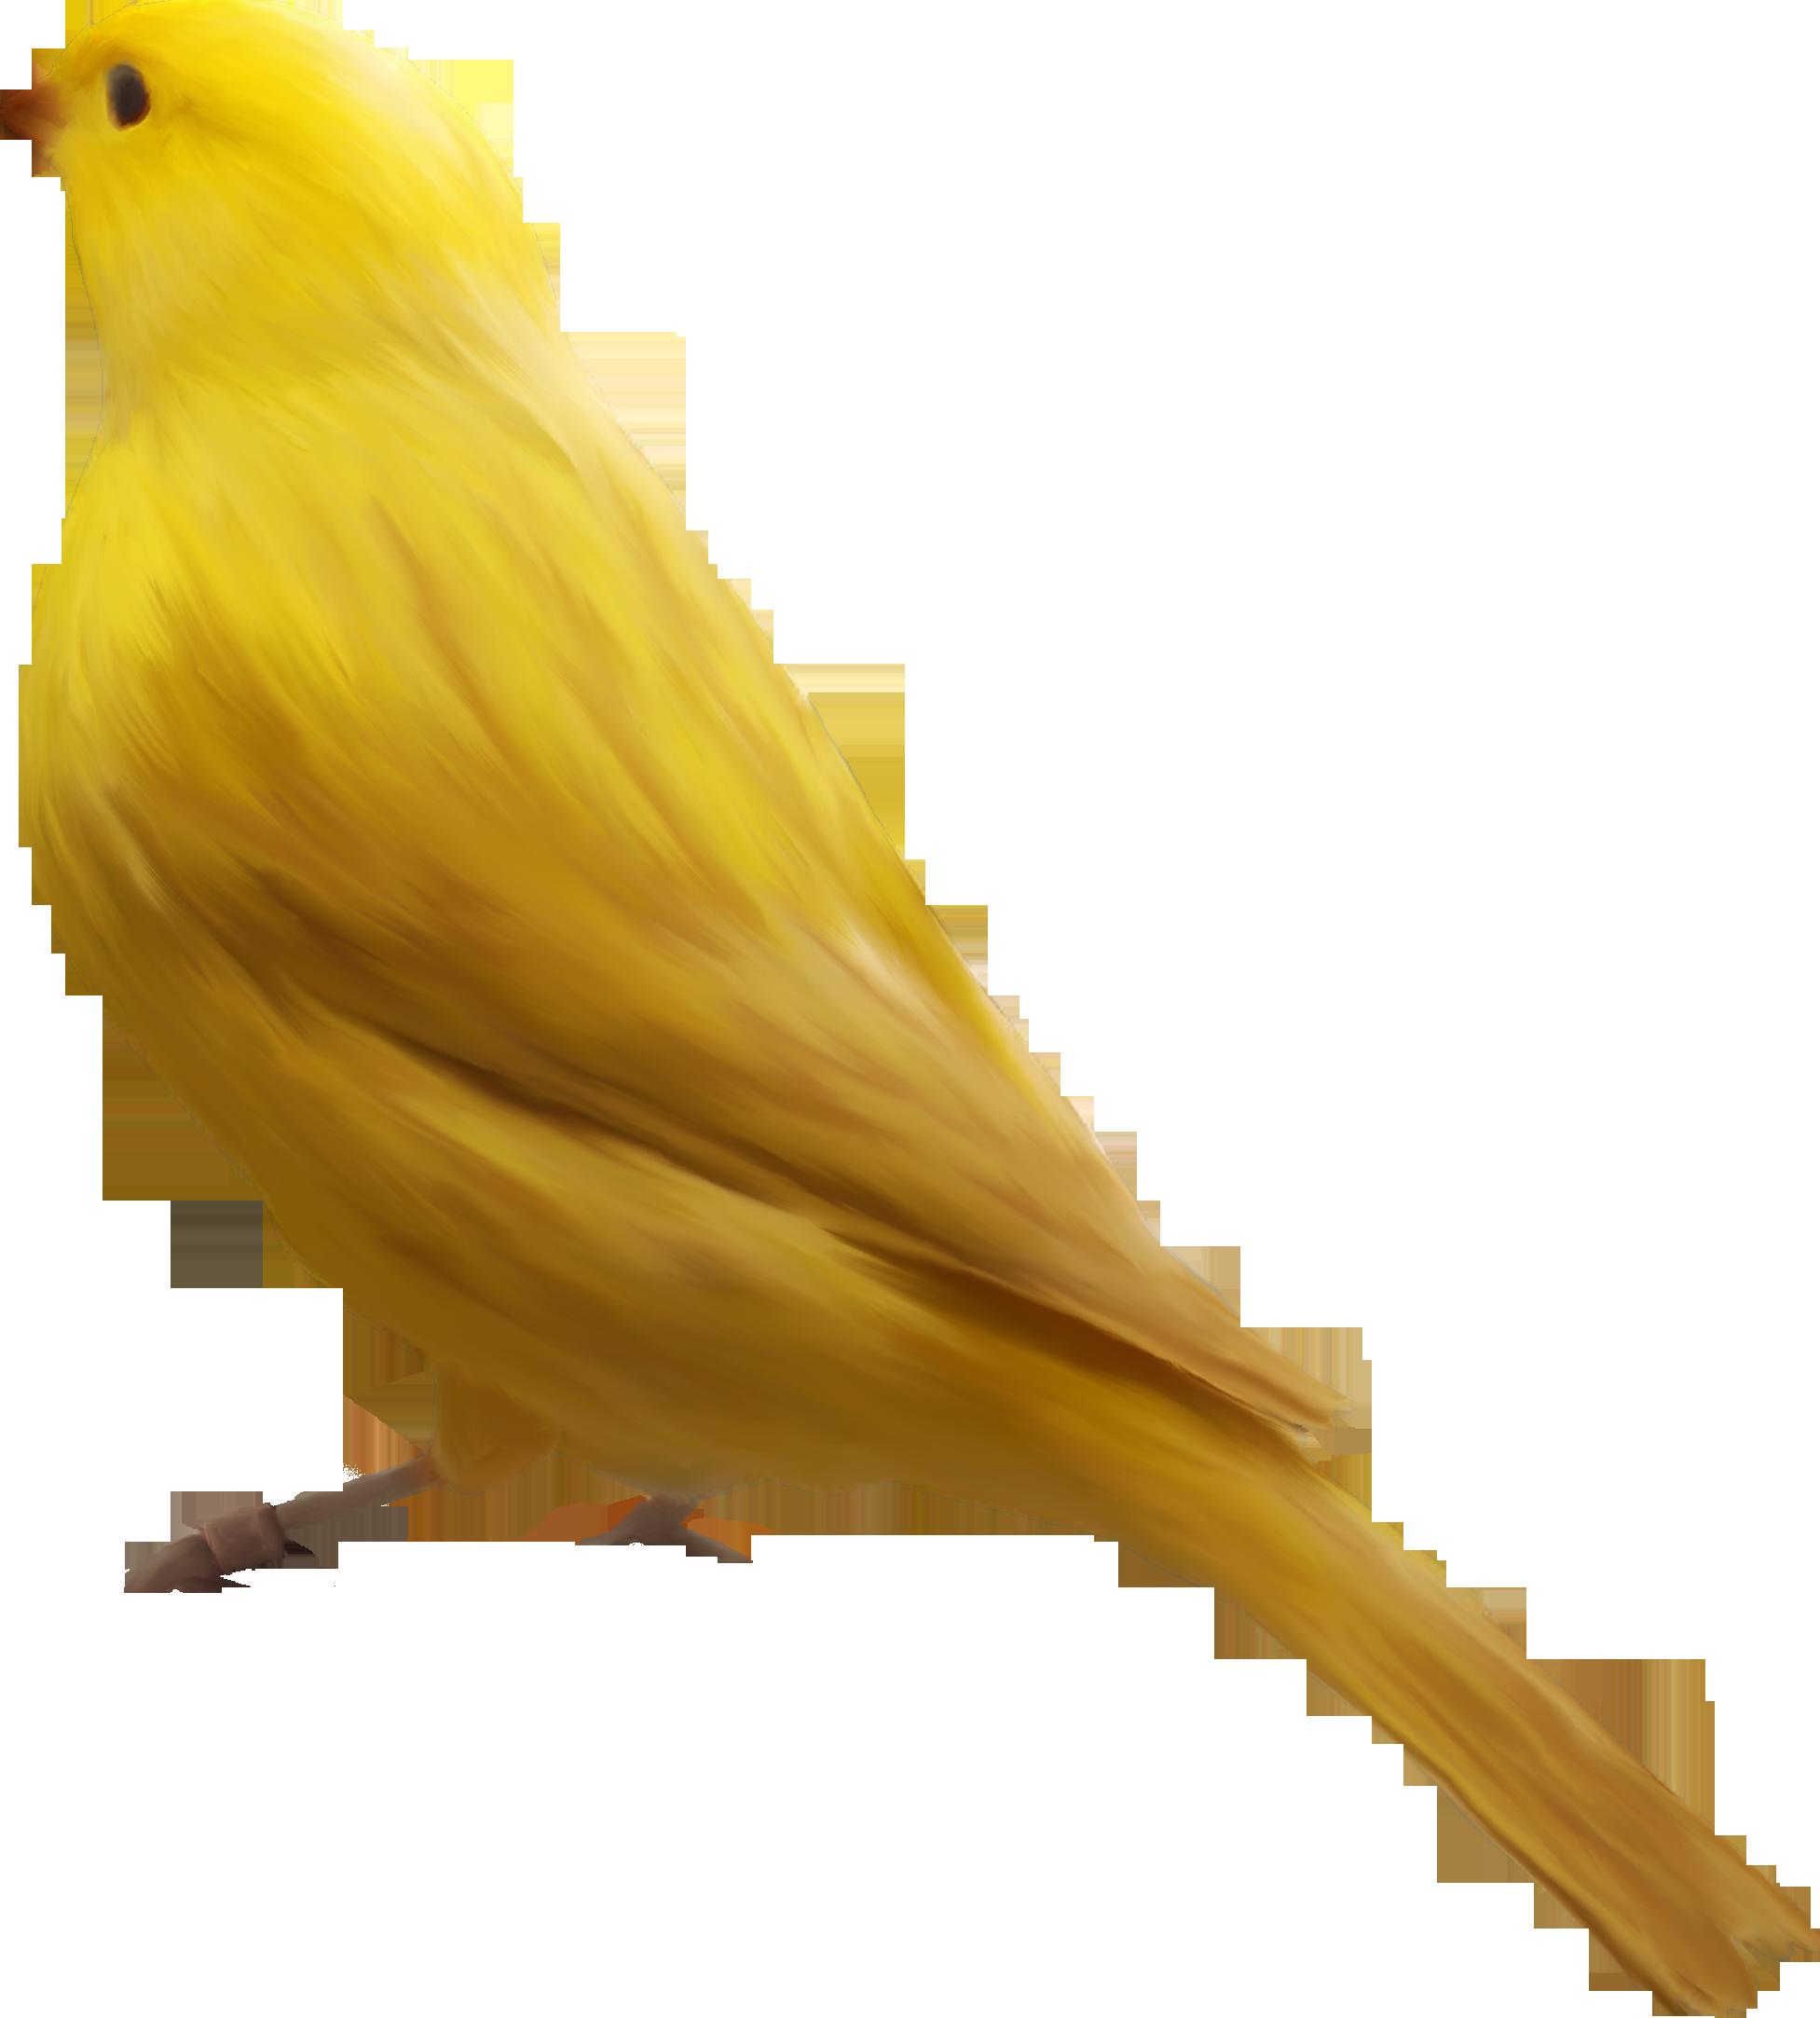 PNG Oiseau - 77786